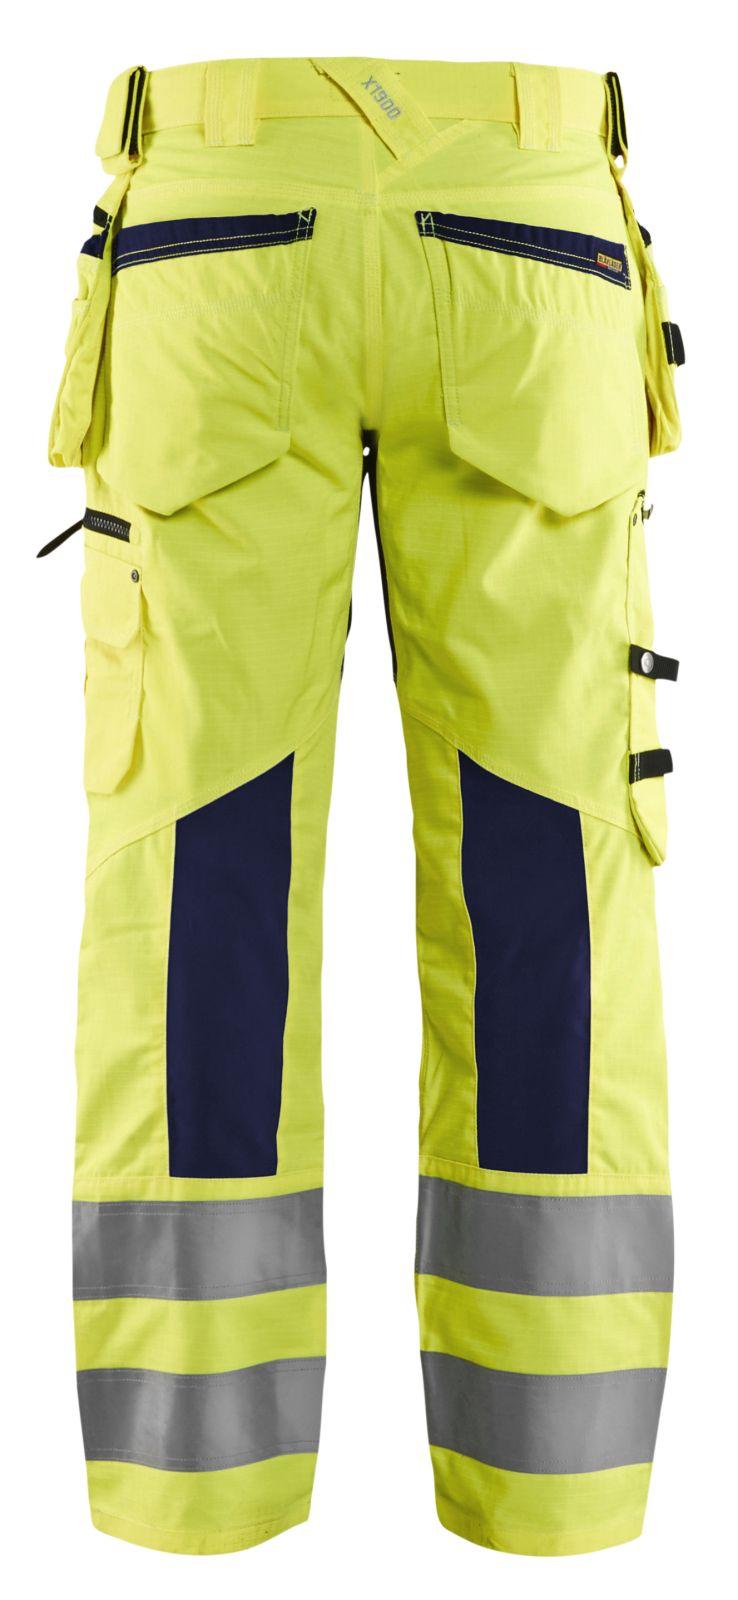 Blaklader Softshell werkbroeken 19951831 High Vis geel-marineblauw(3389)